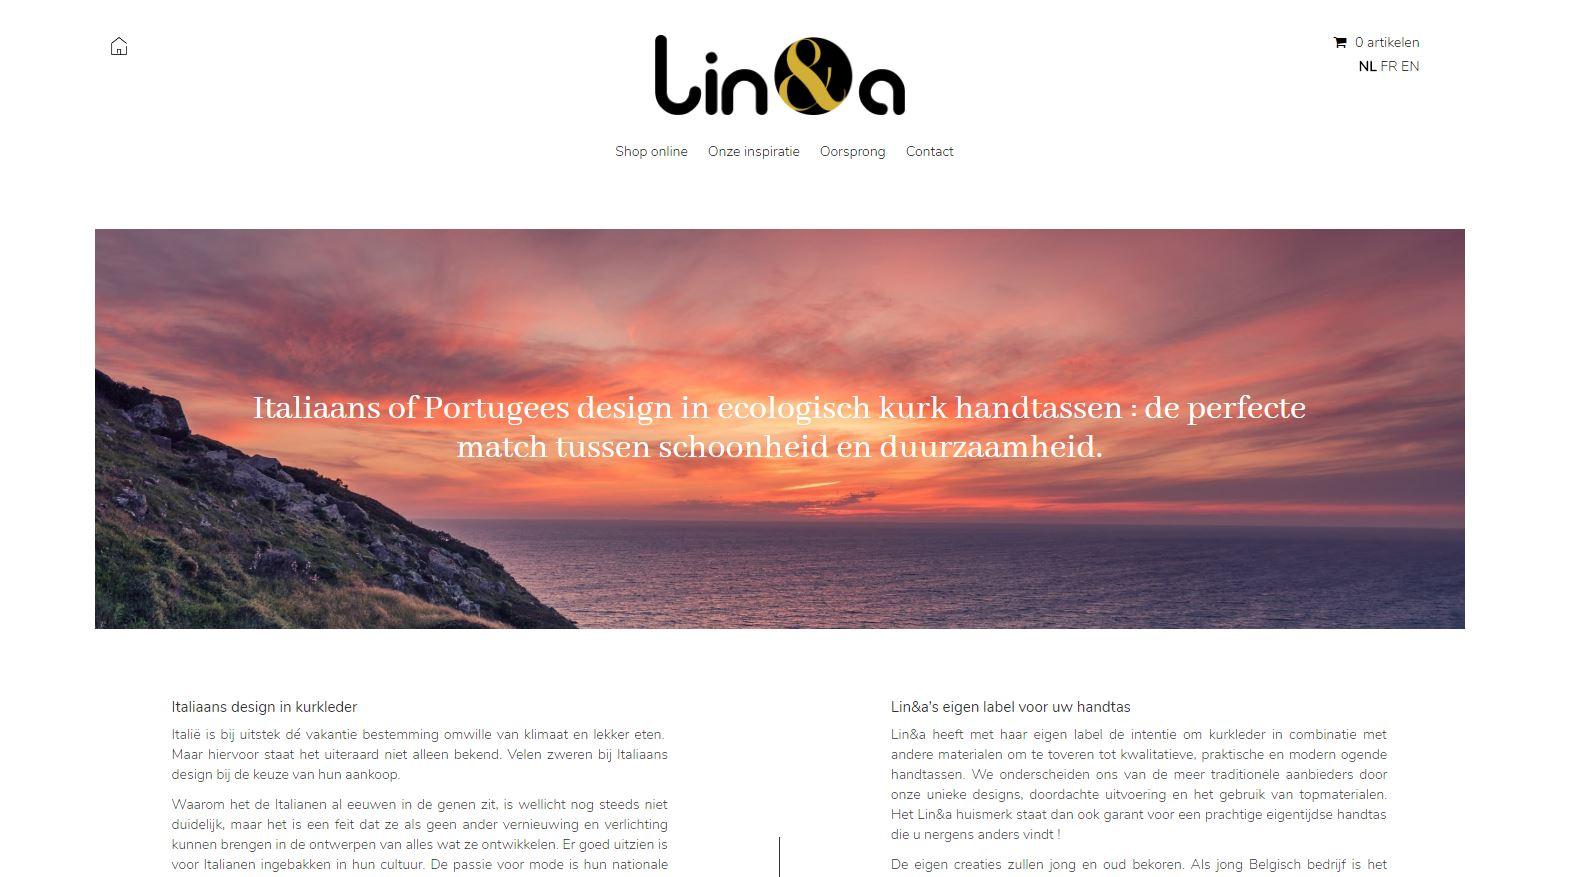 Linea shop online 3